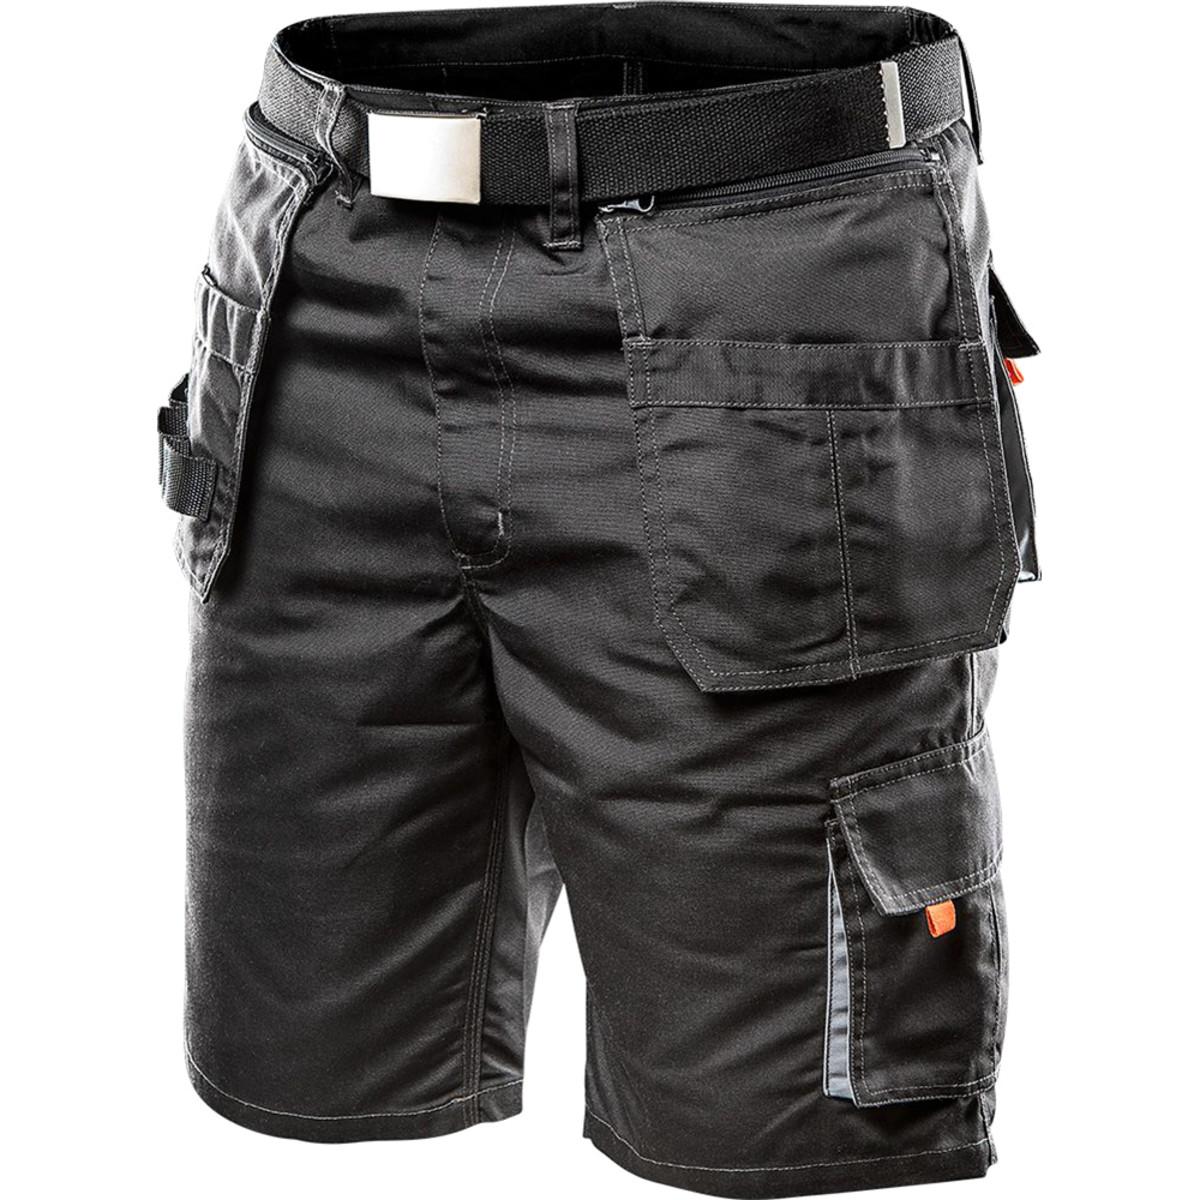 Шорты с отстегивающимися карманами Neo размер M/50